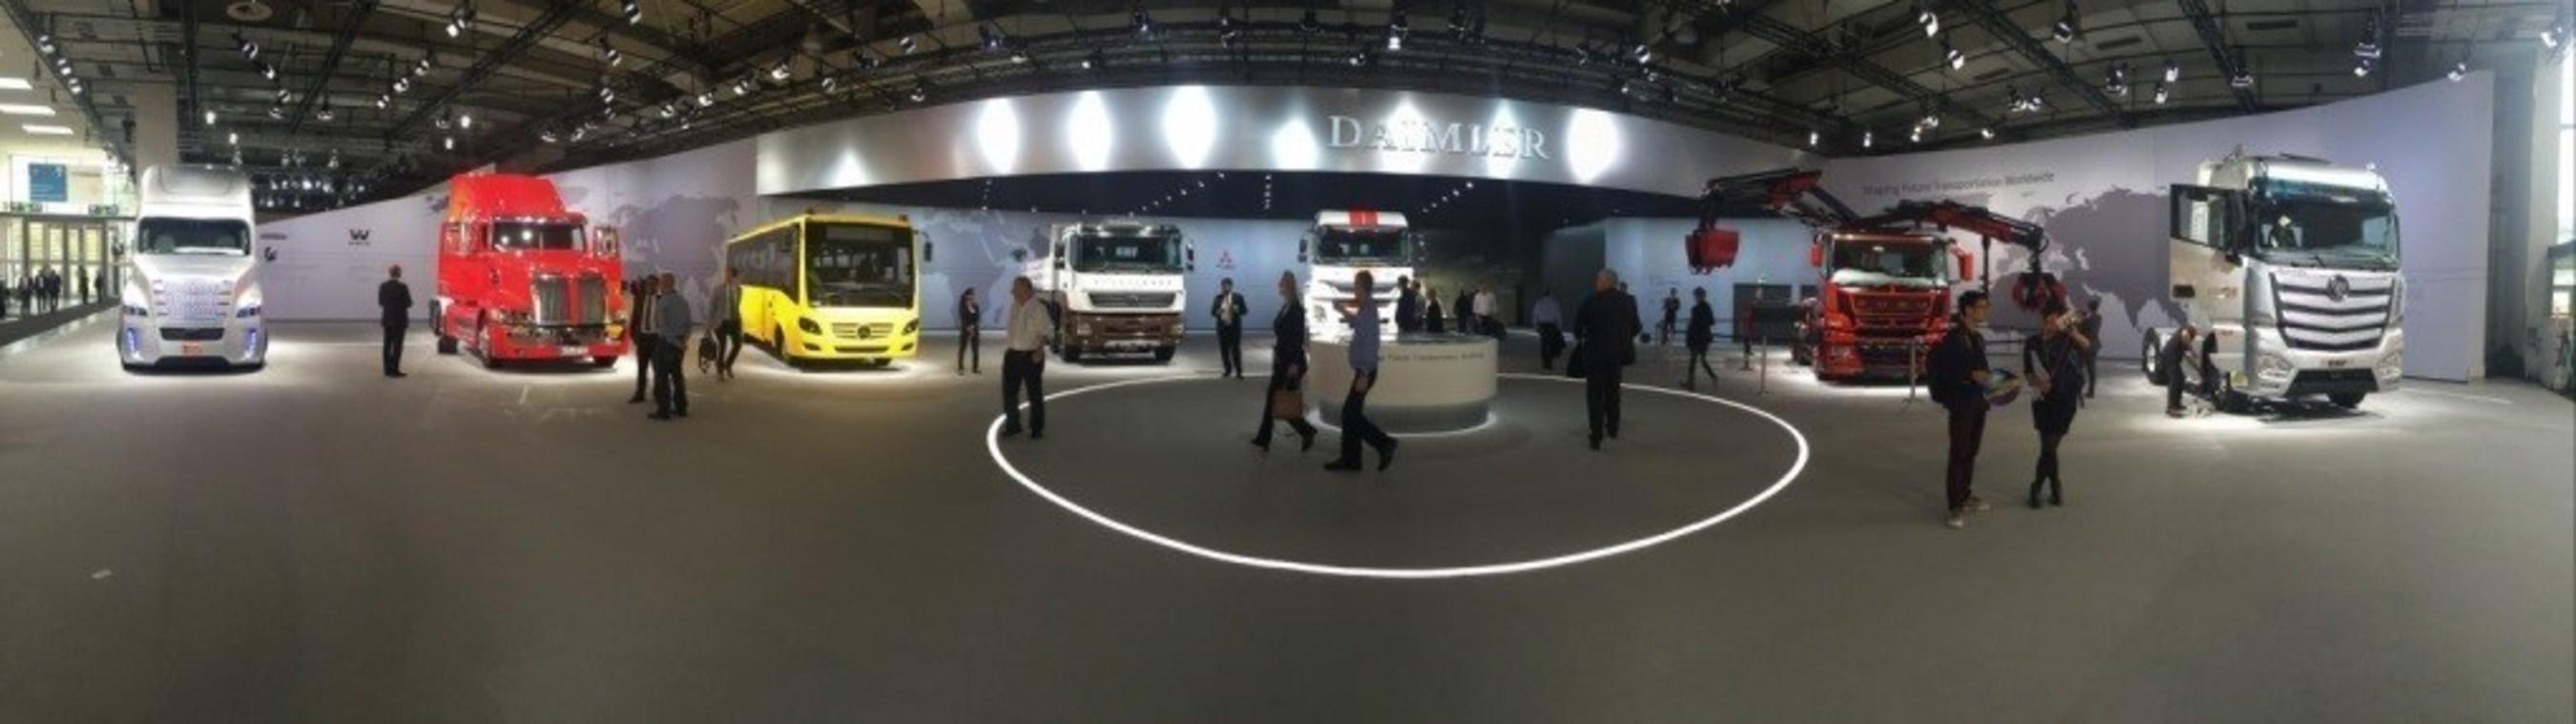 Daimler Booth Panorama